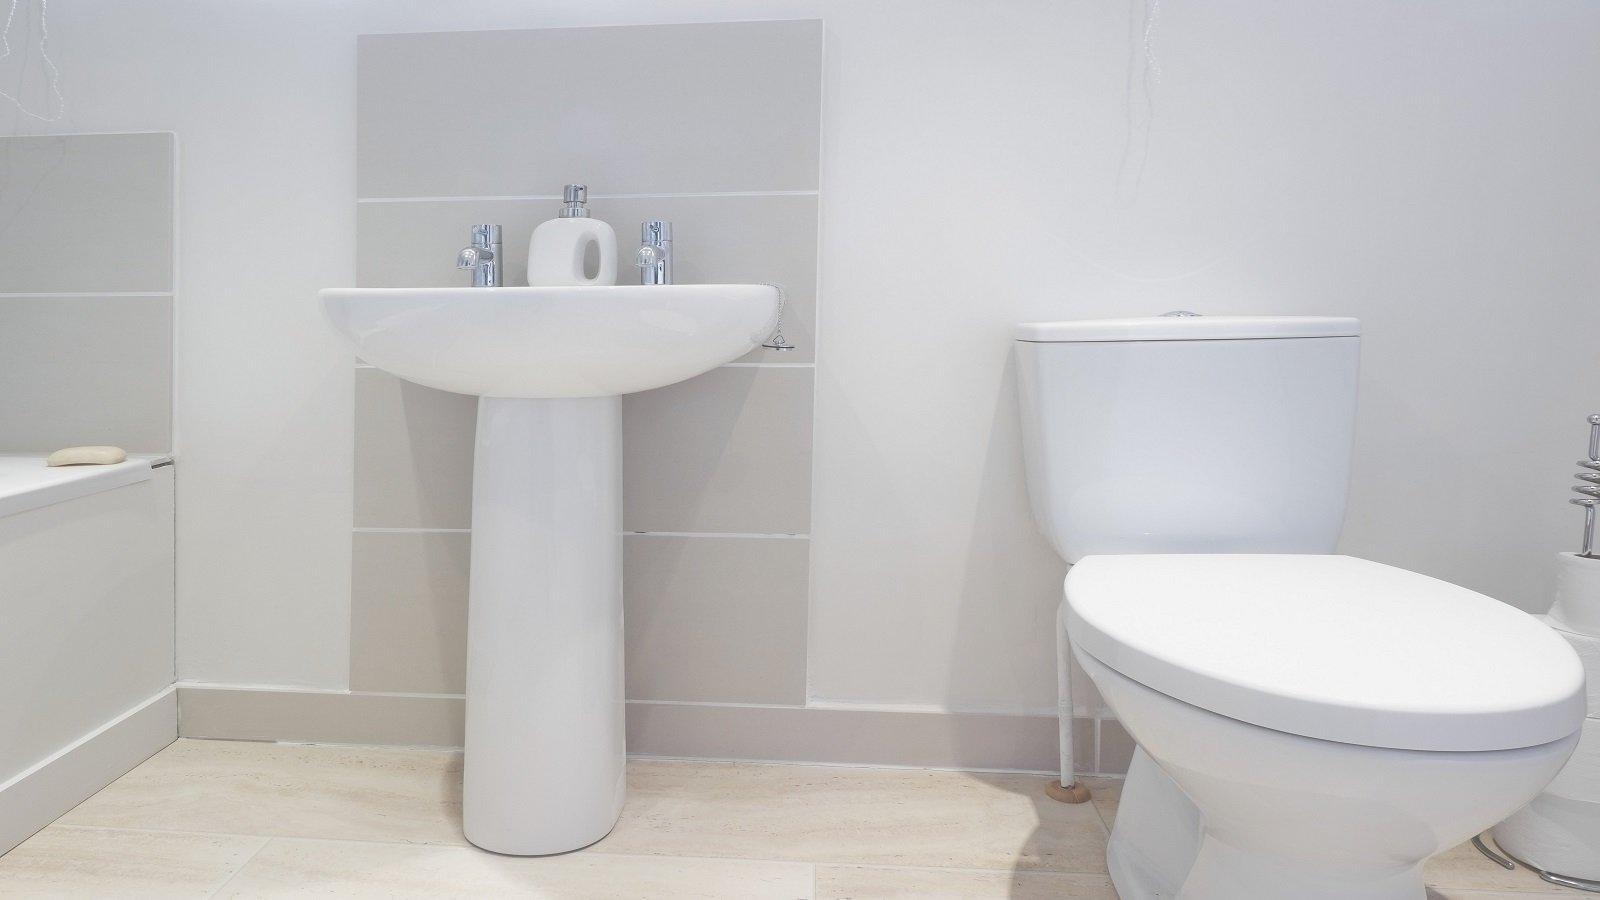 un lavabo e un wc in un bagno